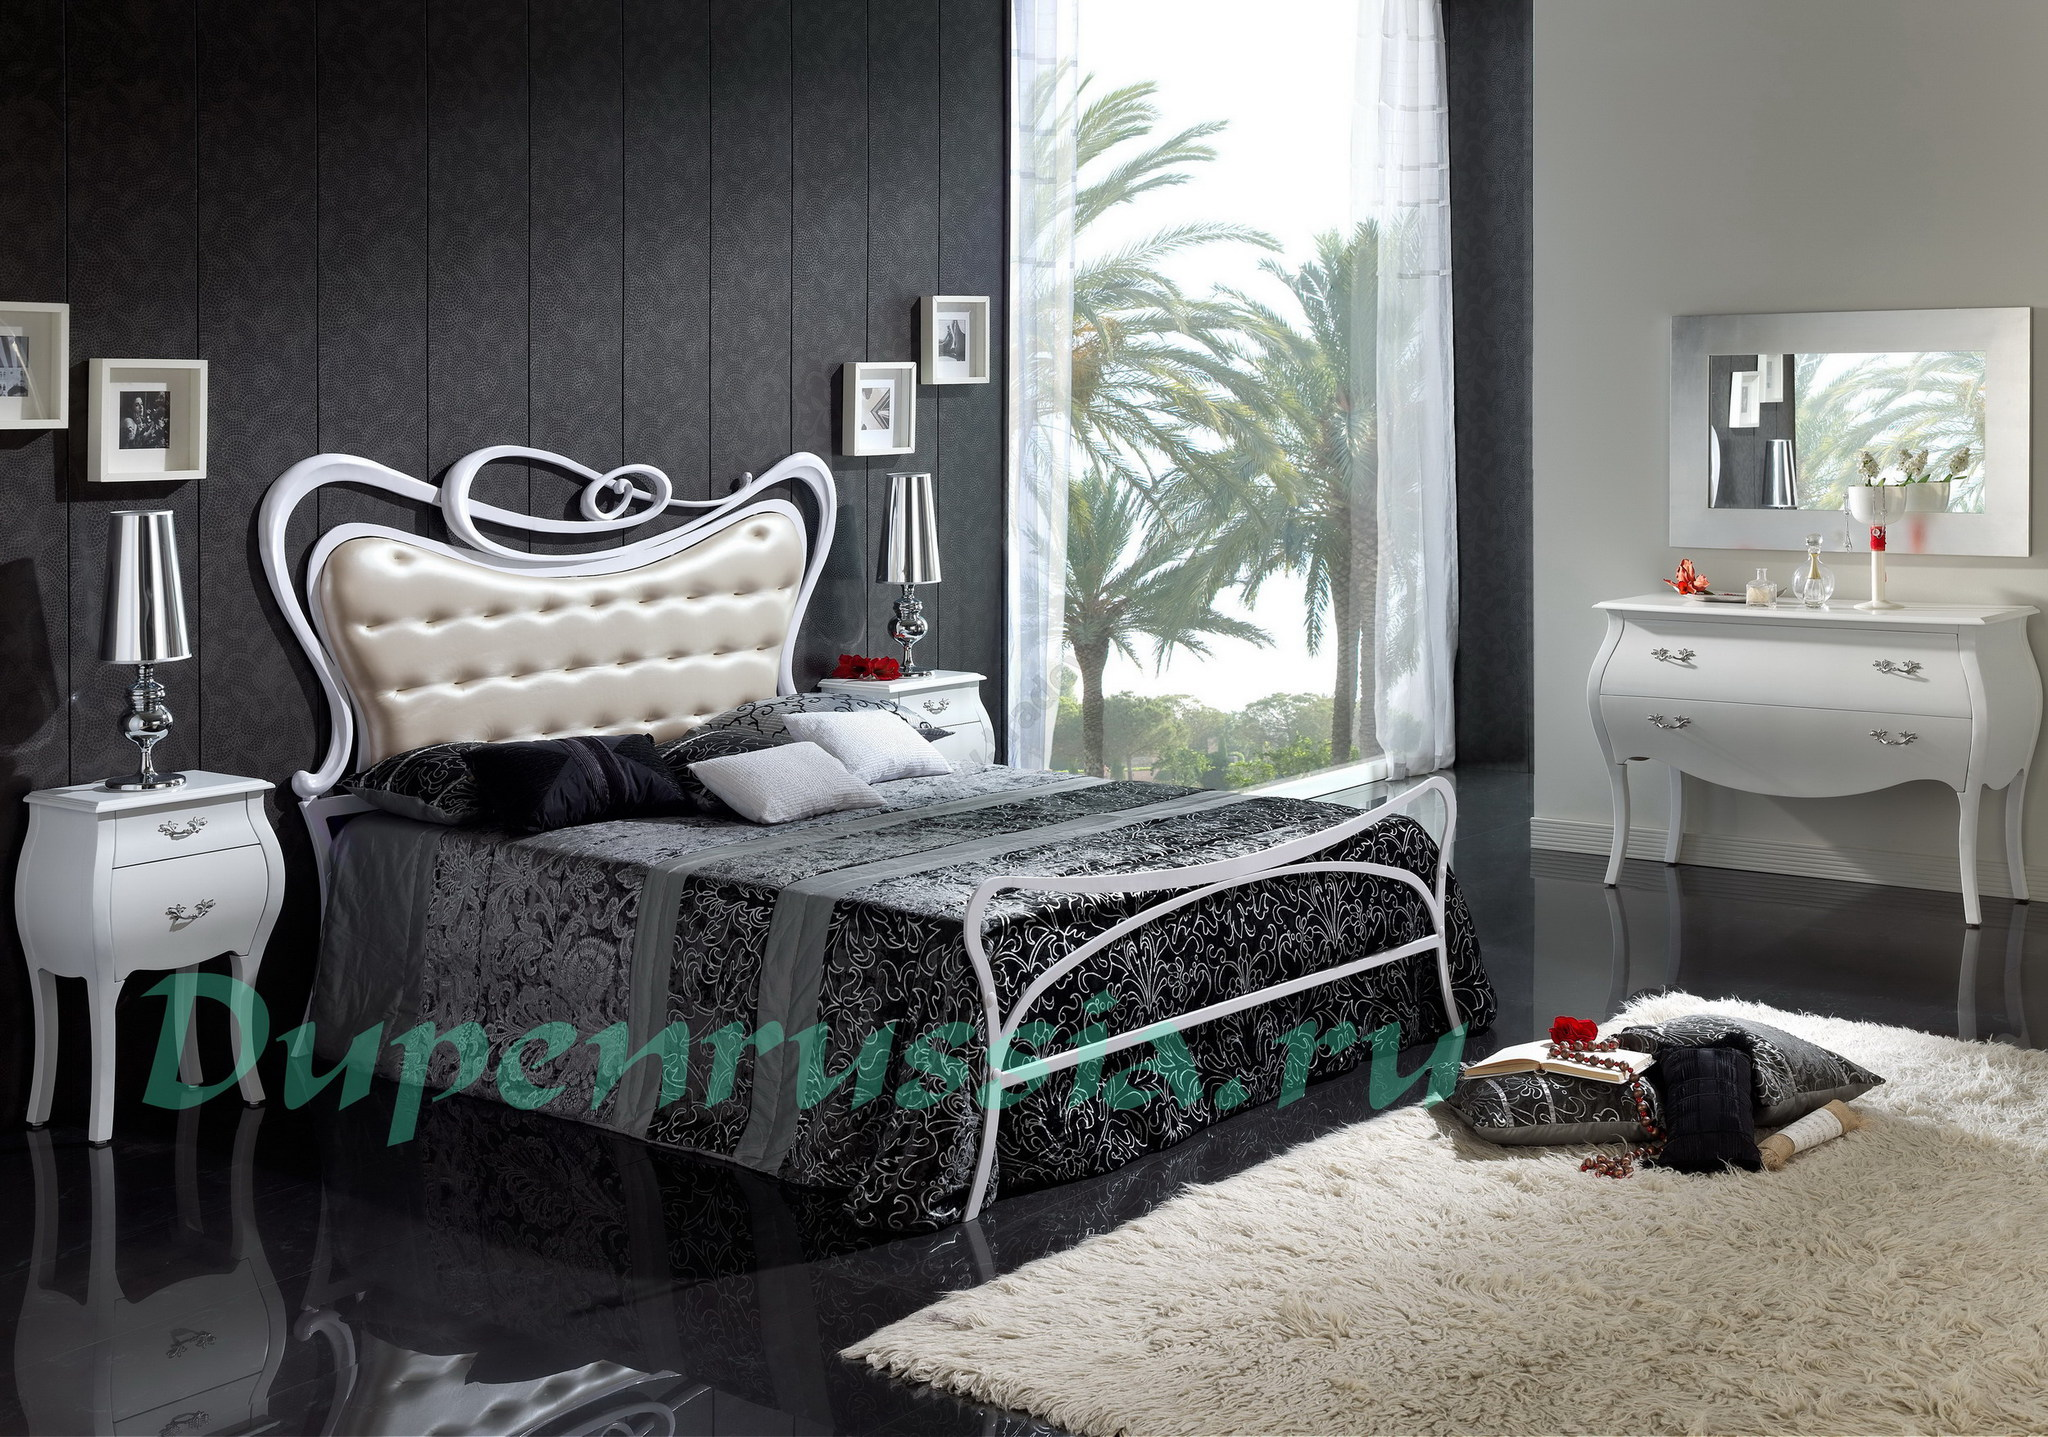 Кровать DUPEN 505 SOFIA, Тумбочка М-95 белая, Комод С-95 белый